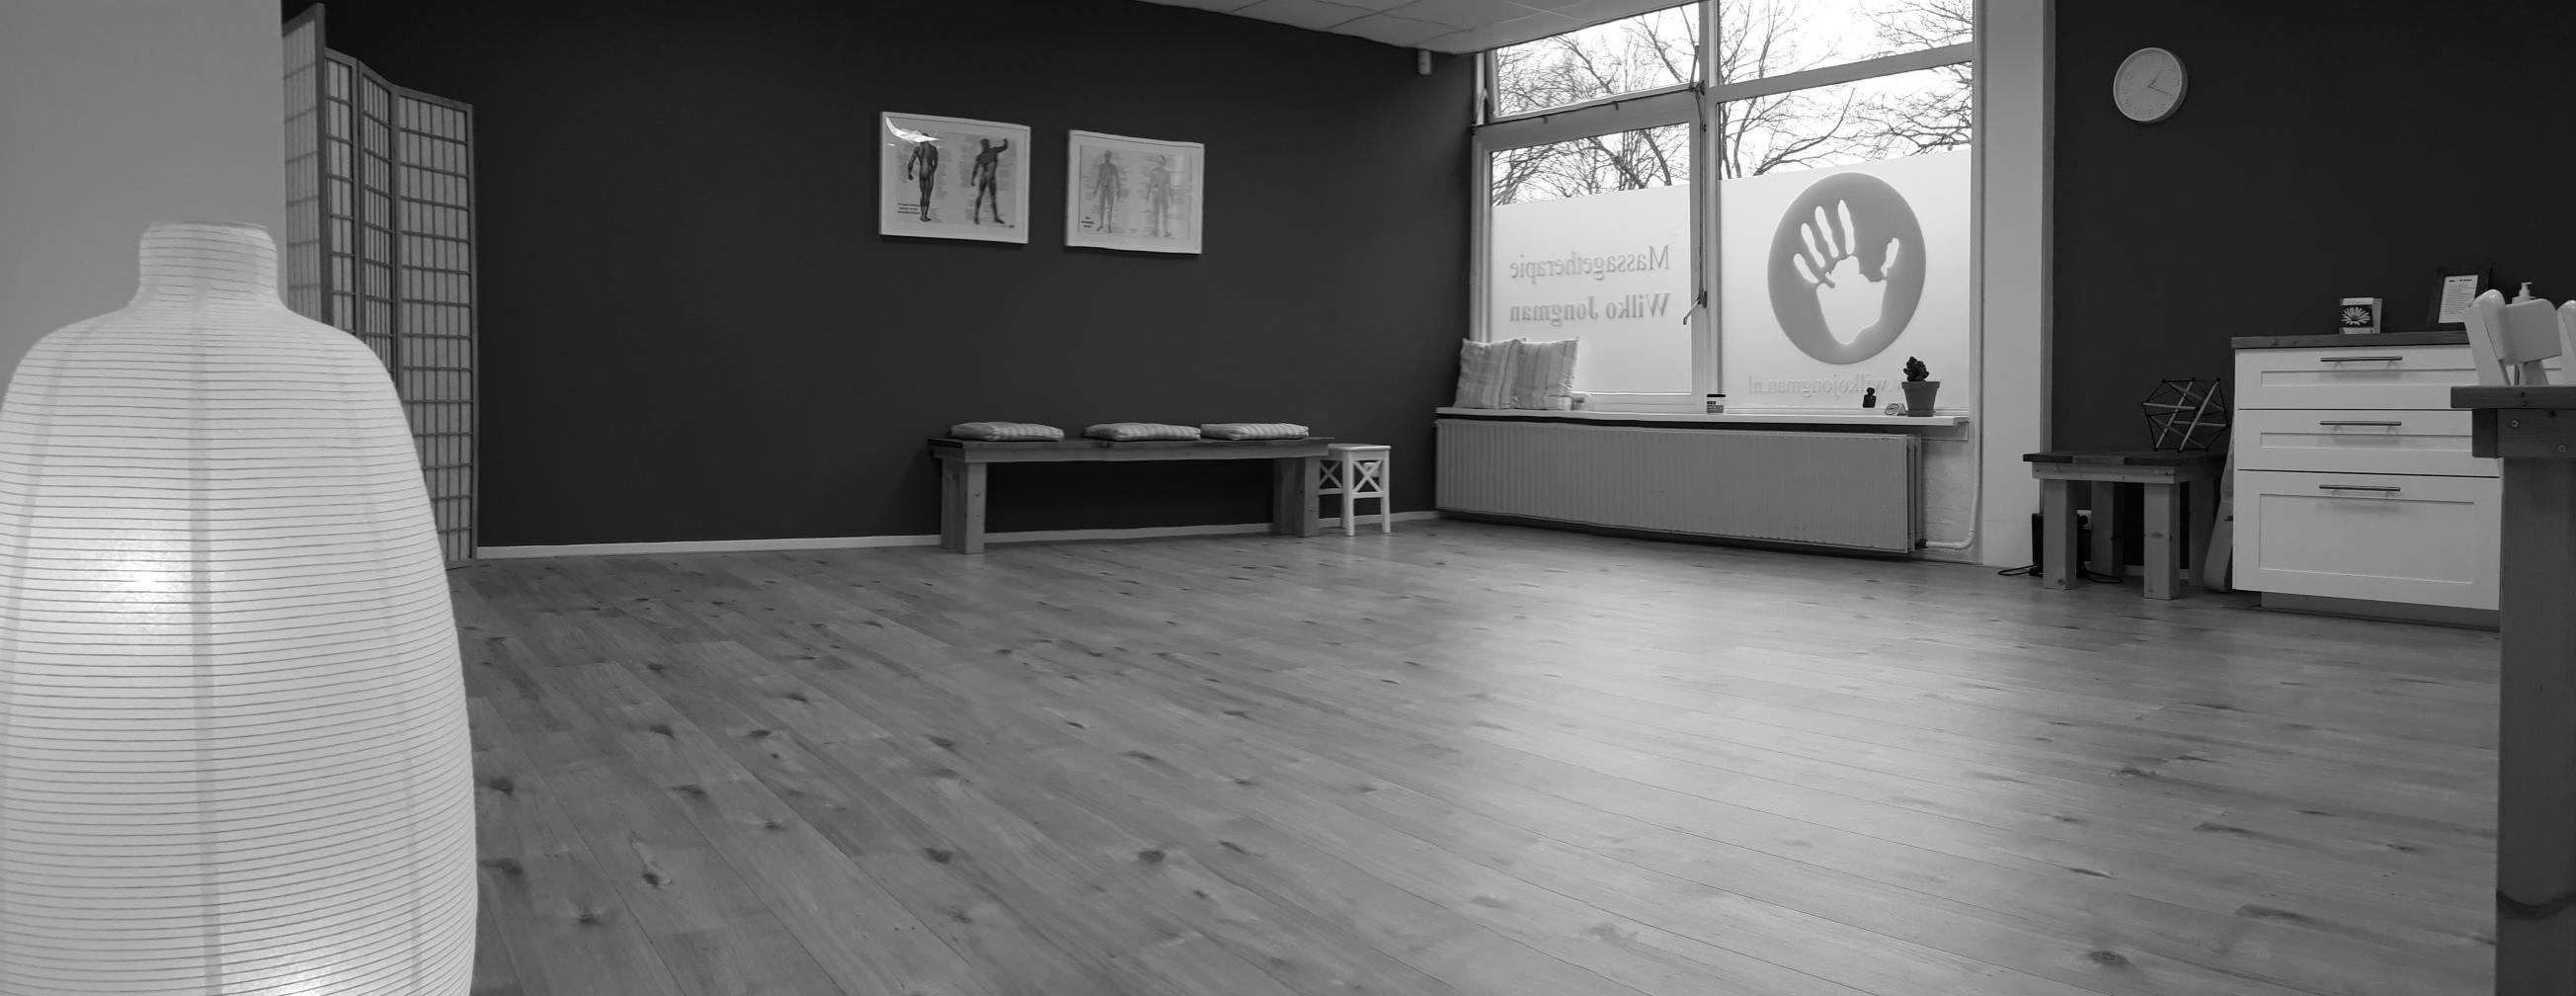 Praktijkruimte massagetherapie Wilko Jongman met veel ruimte en rust